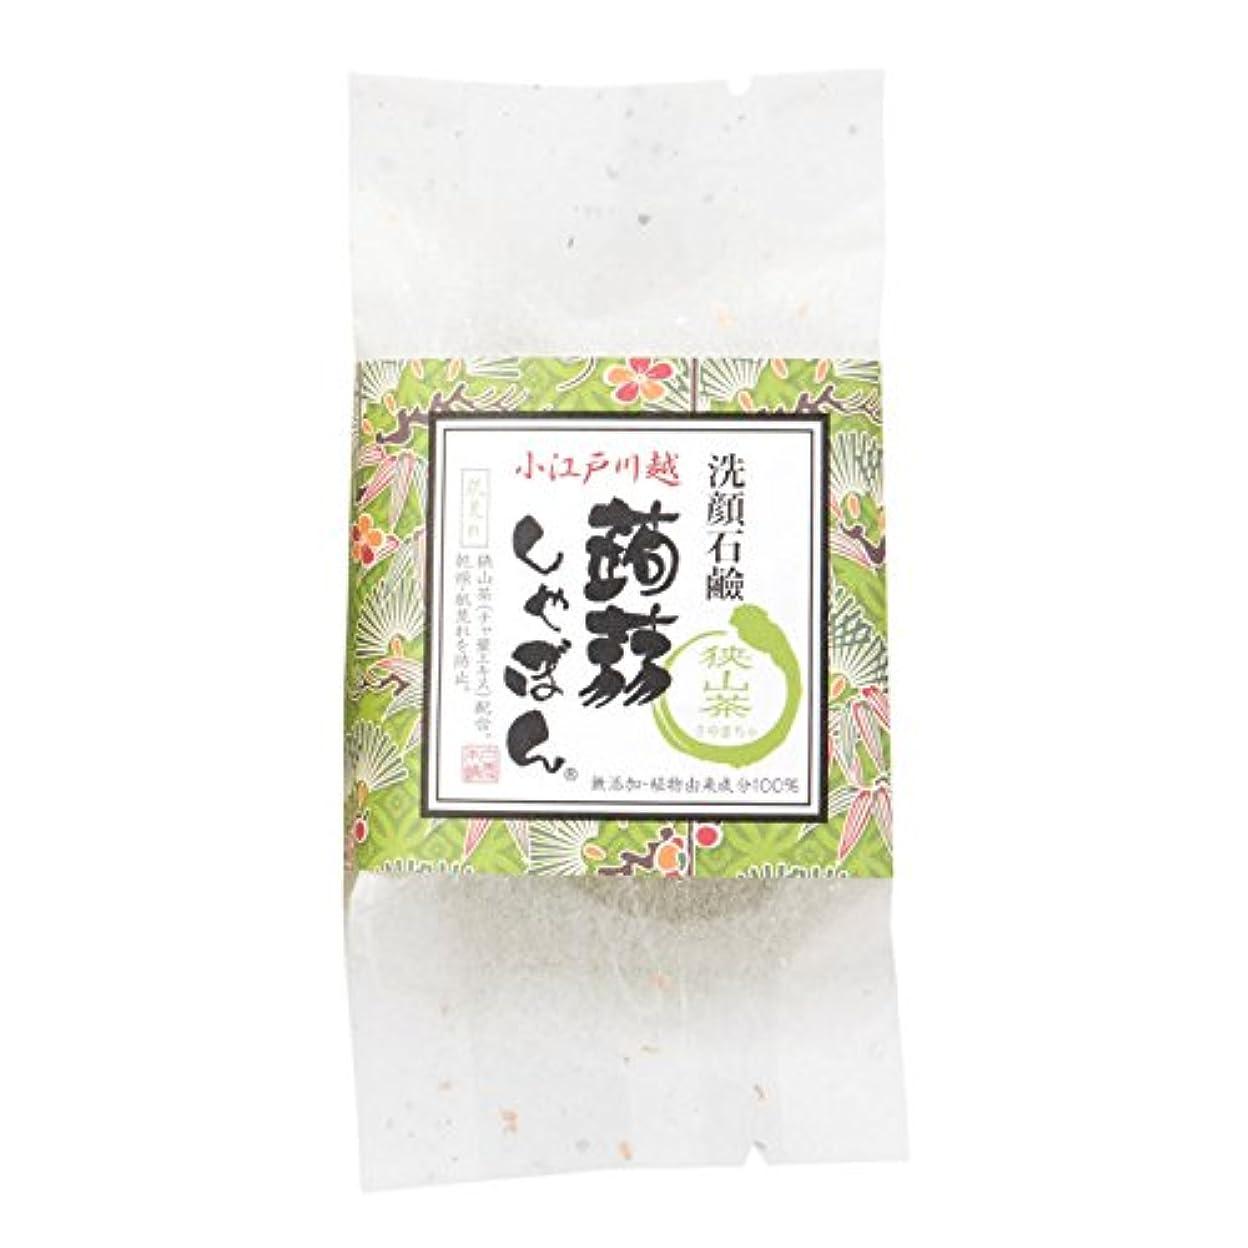 ファンブル大理石業界川越蒟蒻しゃぼん狭山茶(さやまちゃ)